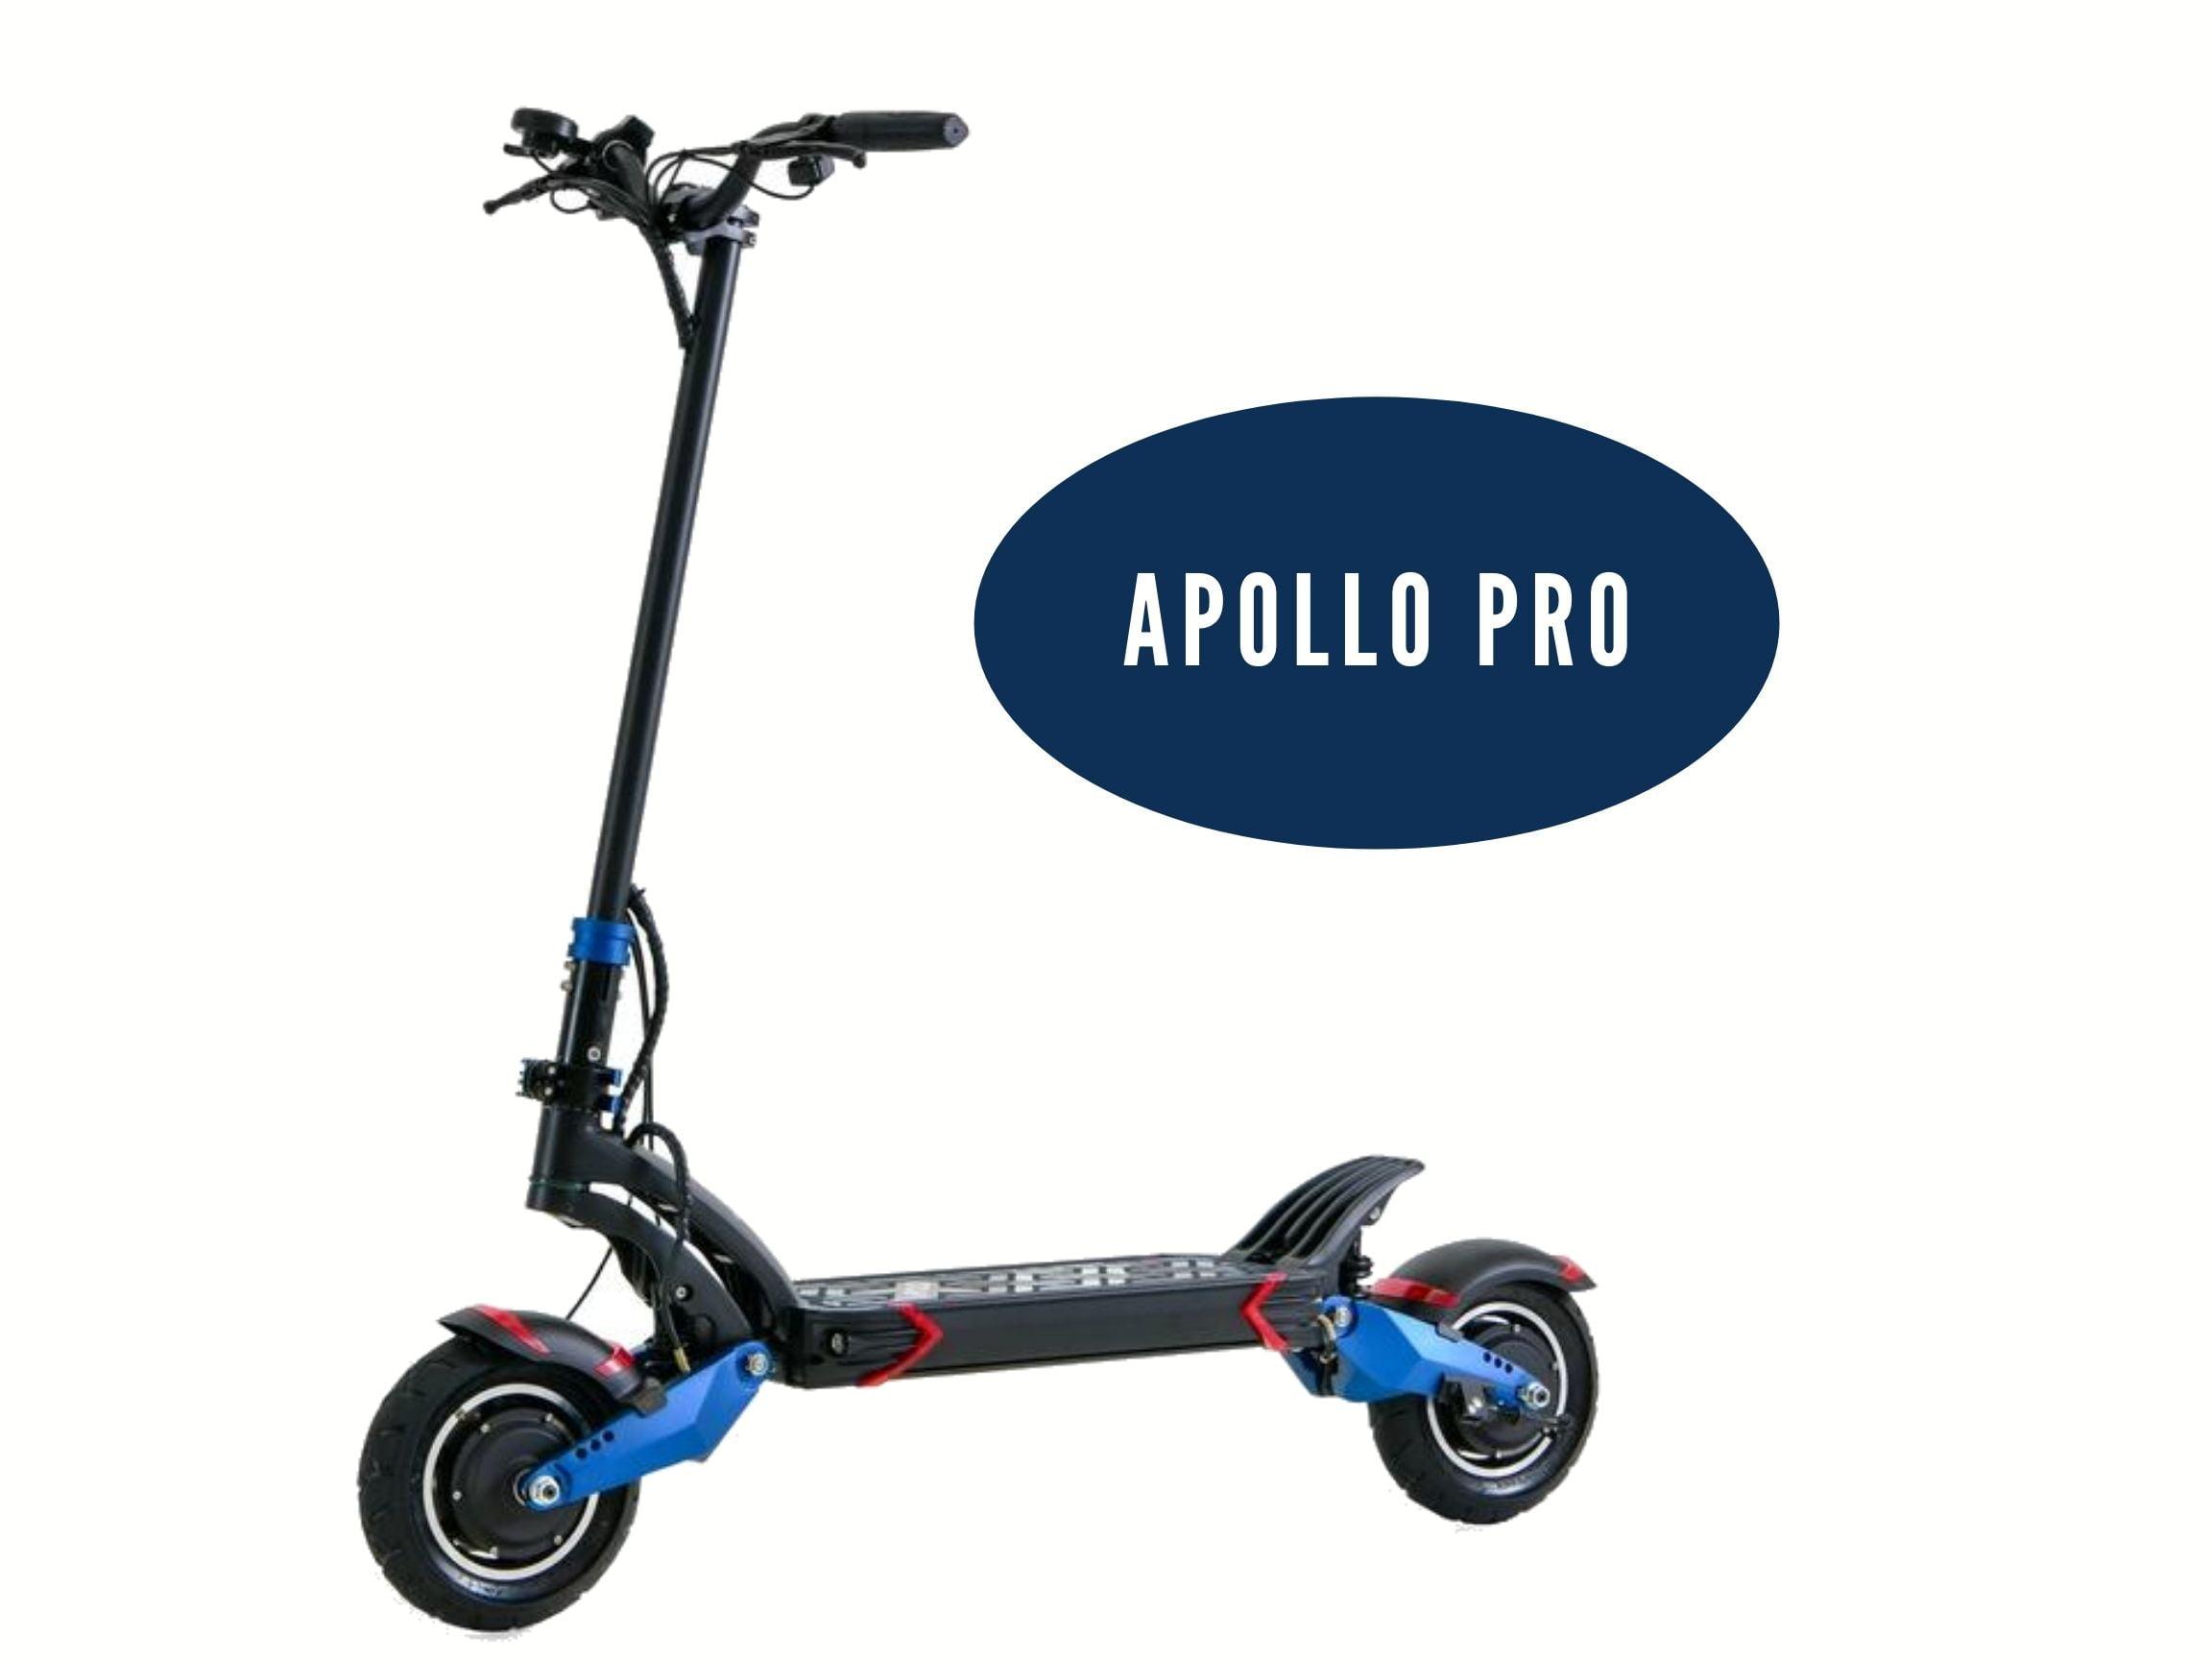 Apollo Pro